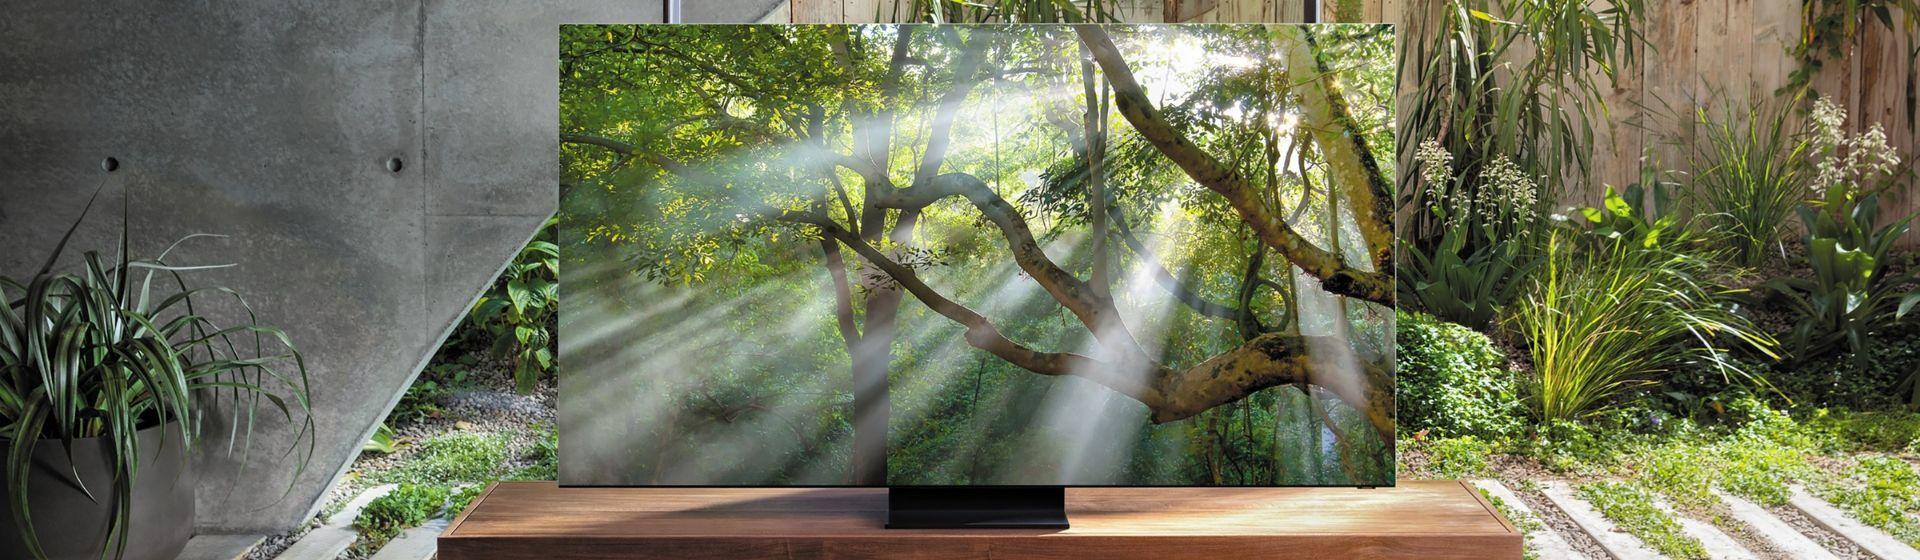 Samsung lança TVs QLED e Crystal UHD, modelos 2020 da marca; confira preços